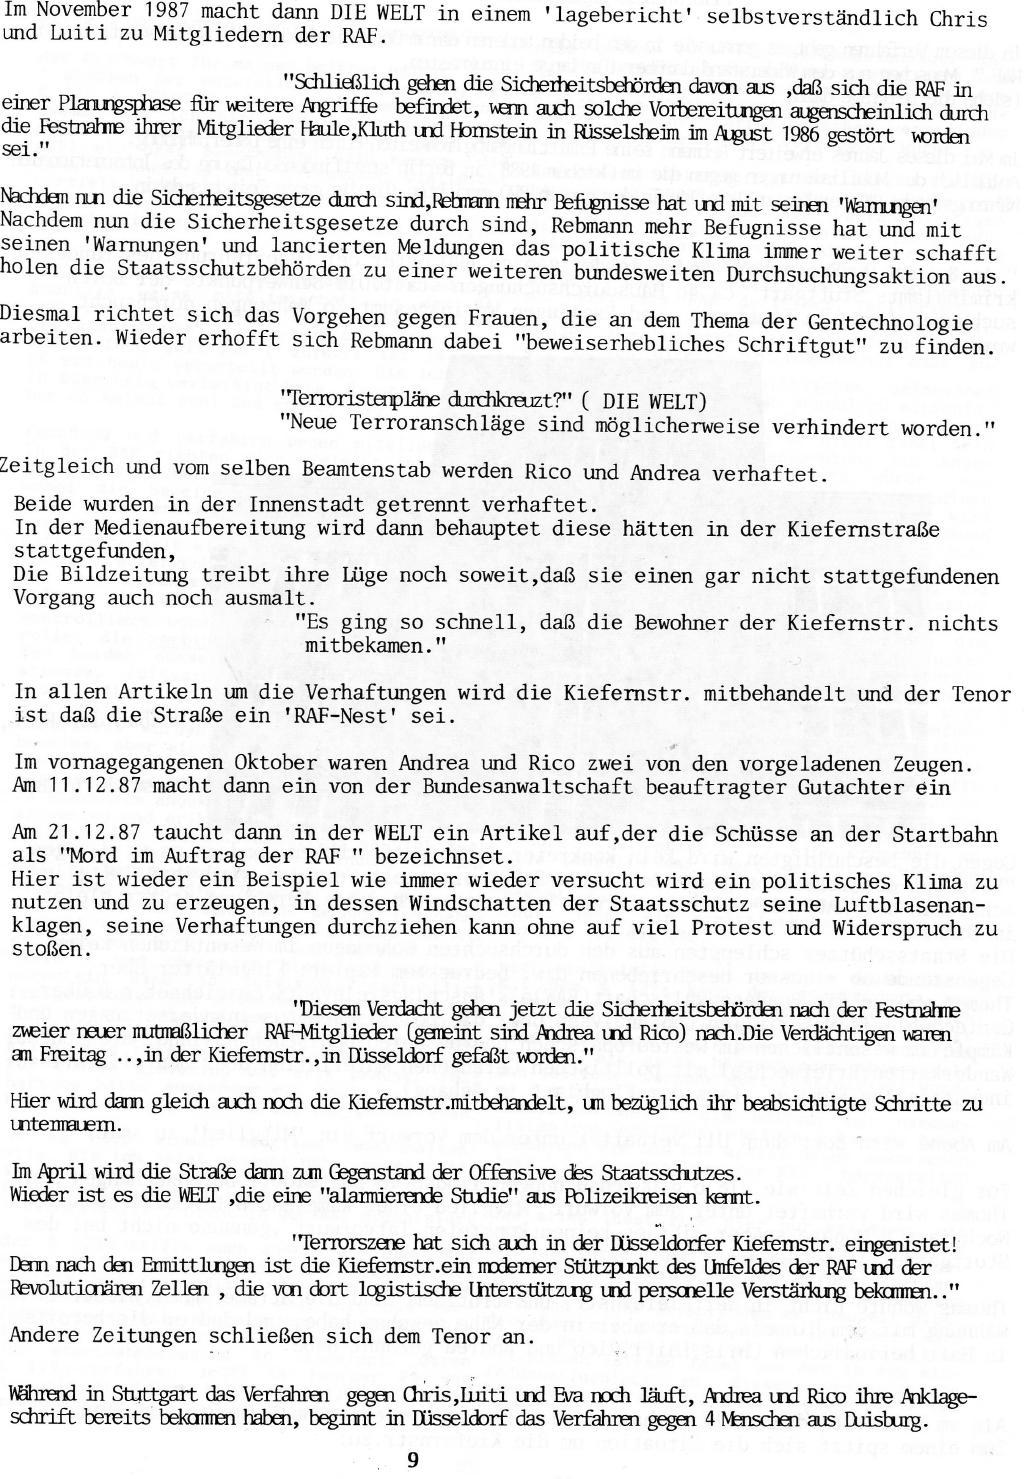 Duesseldorf_1989_Sechs_Politische_Gefangene_009